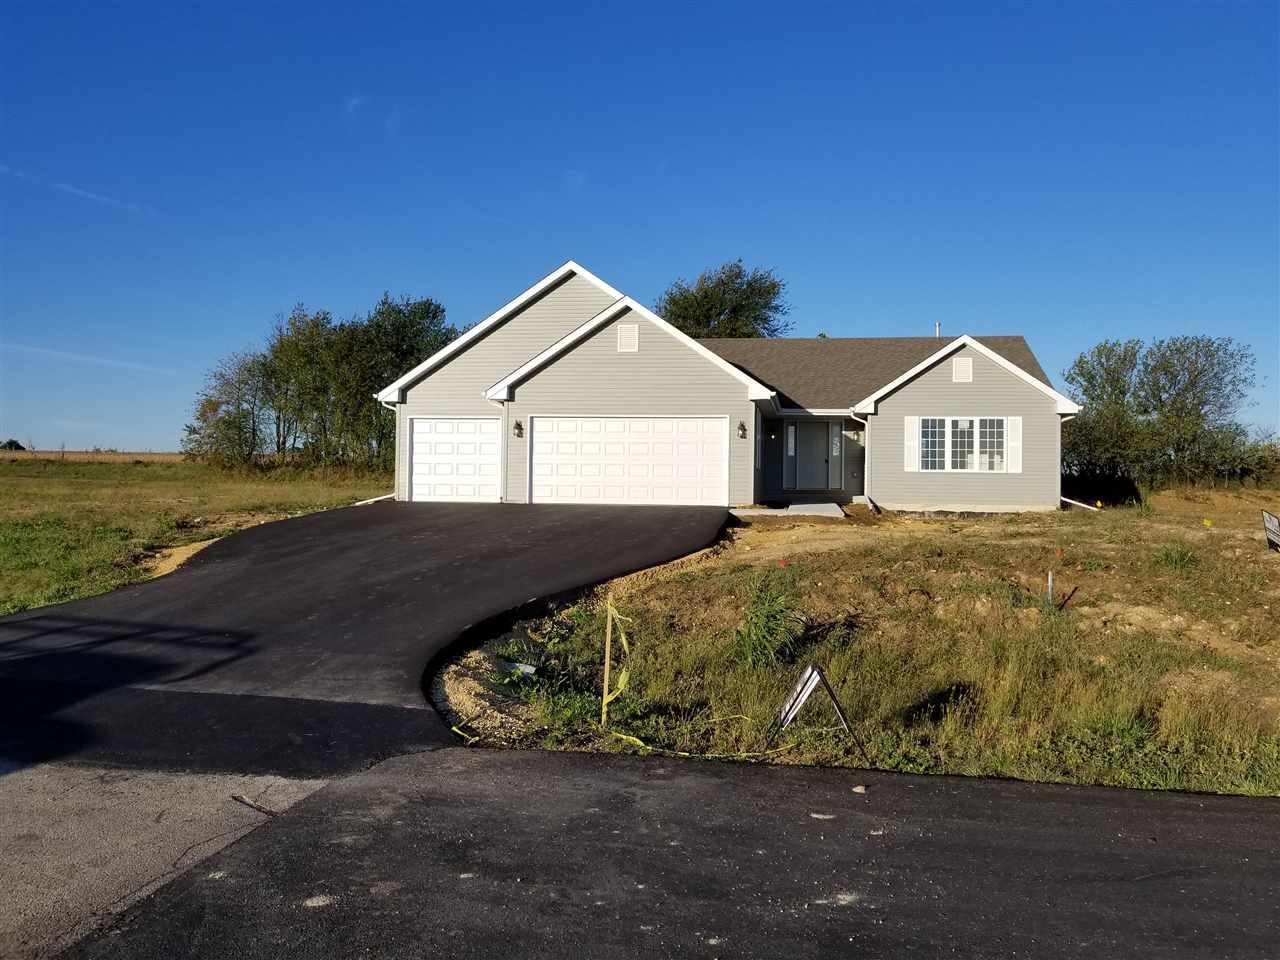 948 Whitebirch Lane, DAVIS JUNCTION, IL 61020